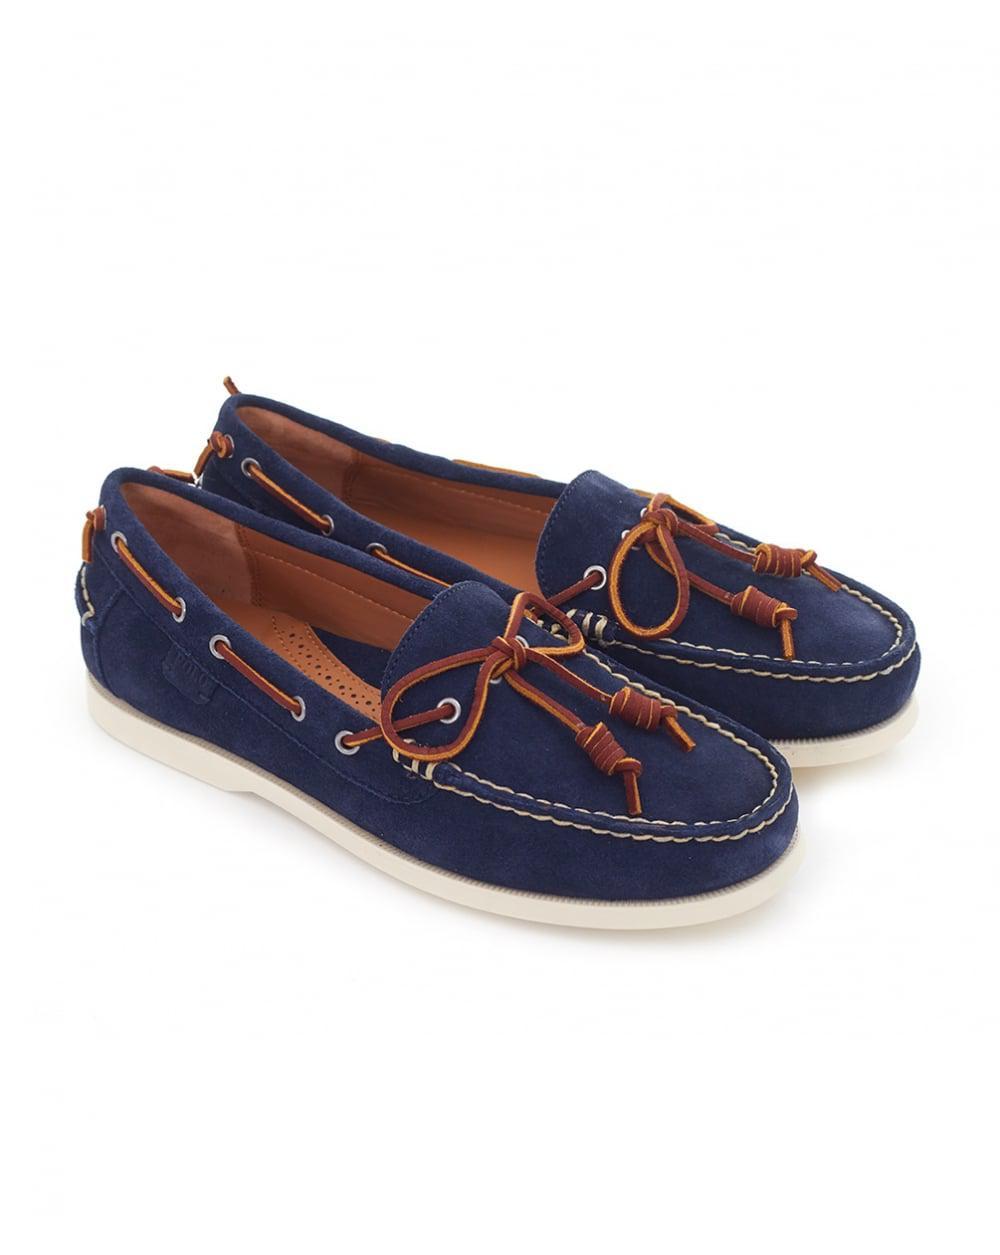 Lyst - Polo Ralph Lauren Millard Suede Boat Shoes in Blue bde3df42c50